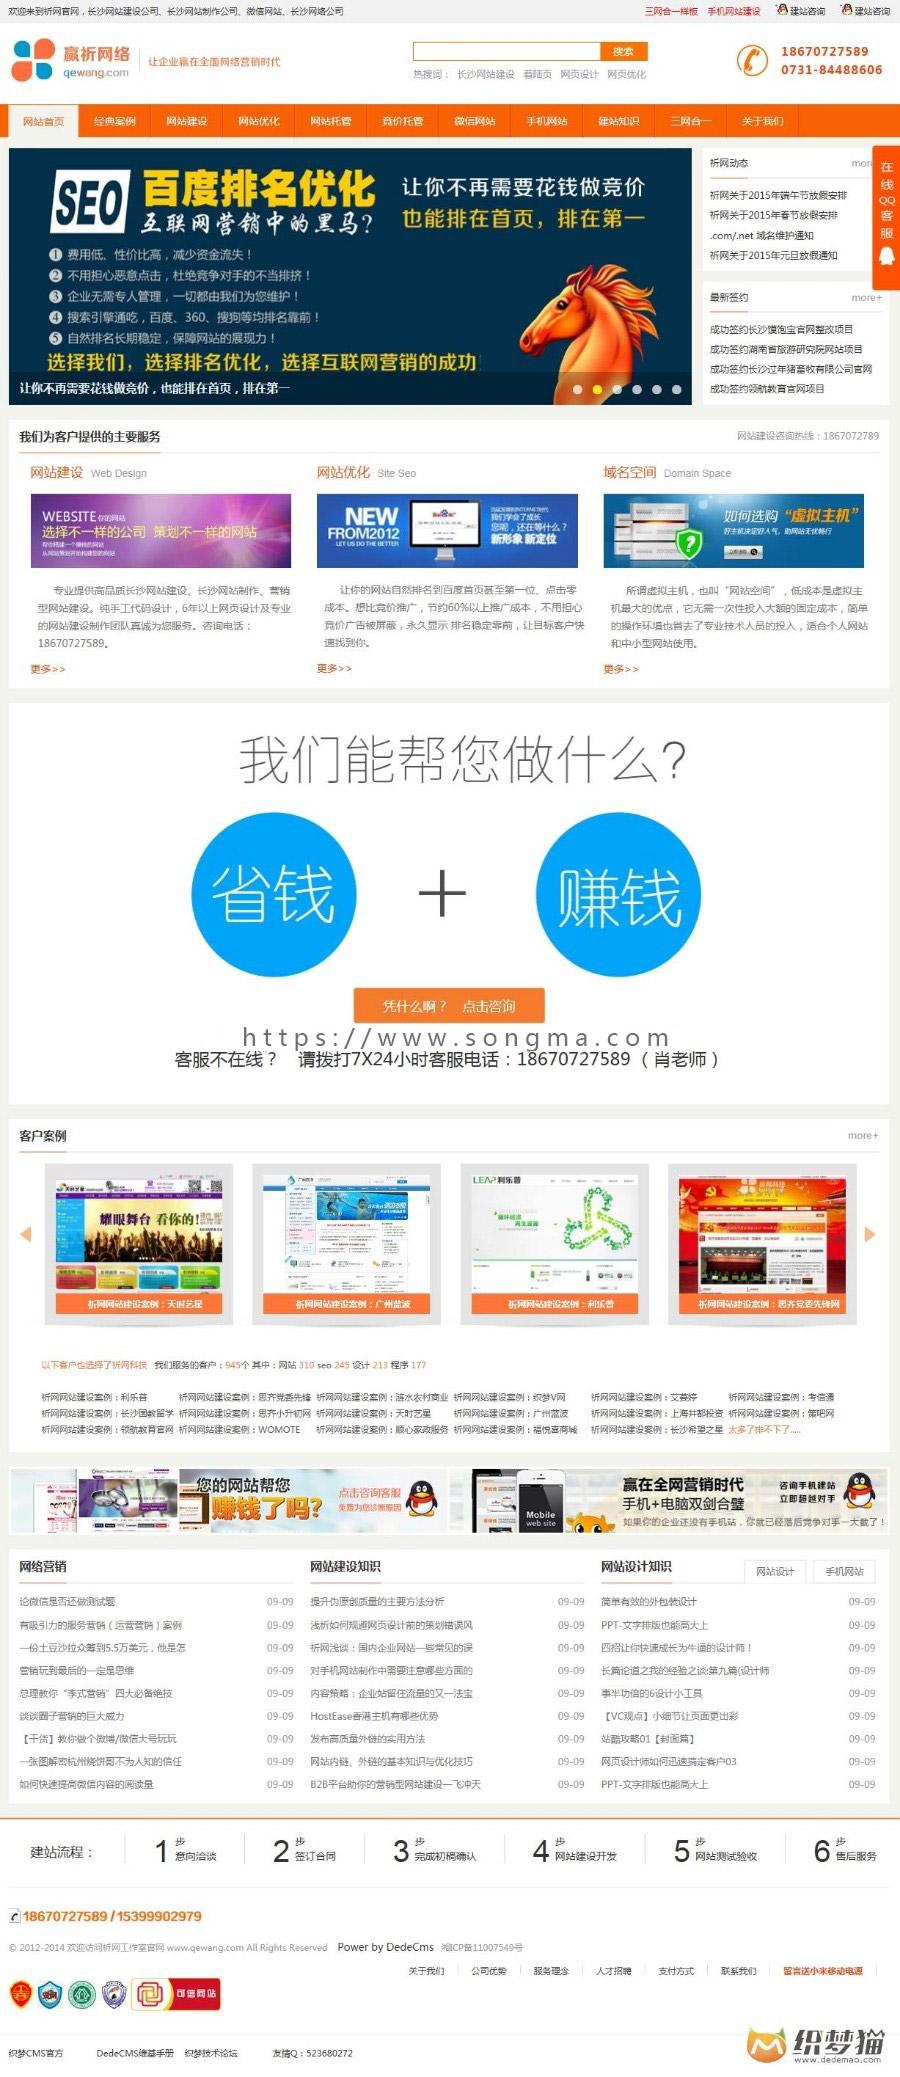 《新版》高端运营版大气通用织梦营销型服务设备类公司橙色大气网络工作室织梦整站模板